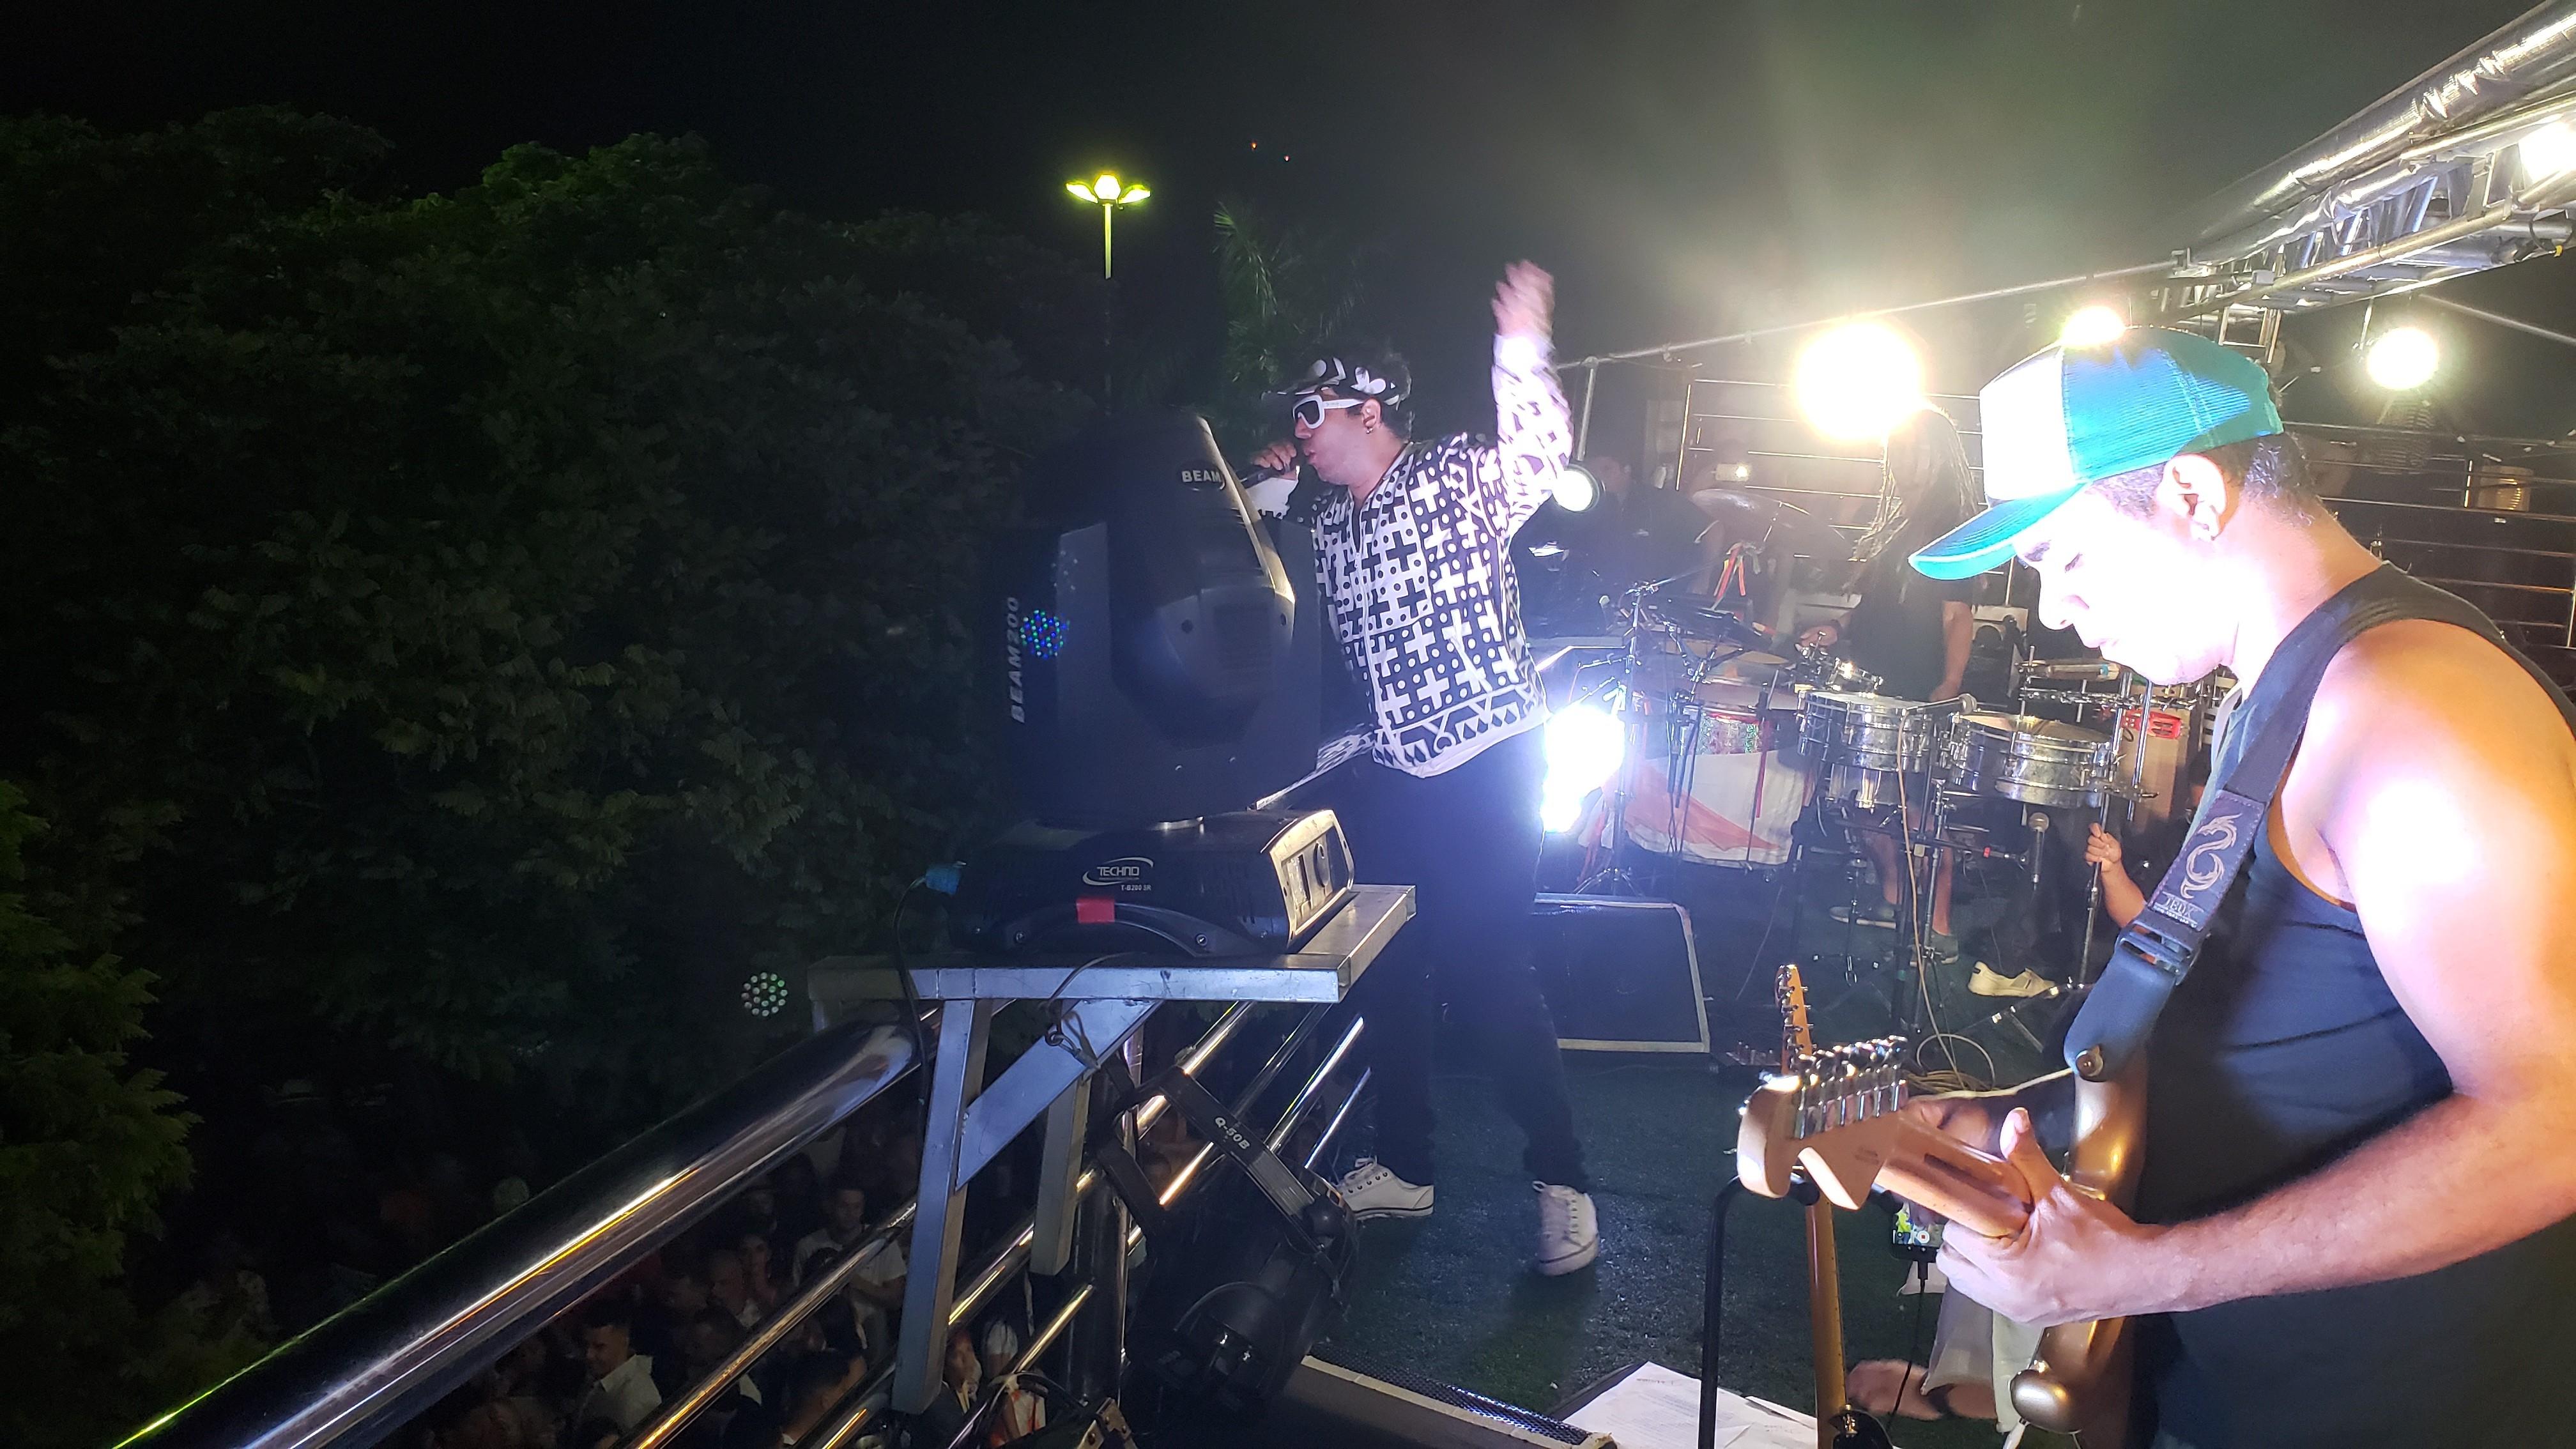 Carnaval em Minas Novas tem muita festa com sons automotivos e trio elétrico na avenida